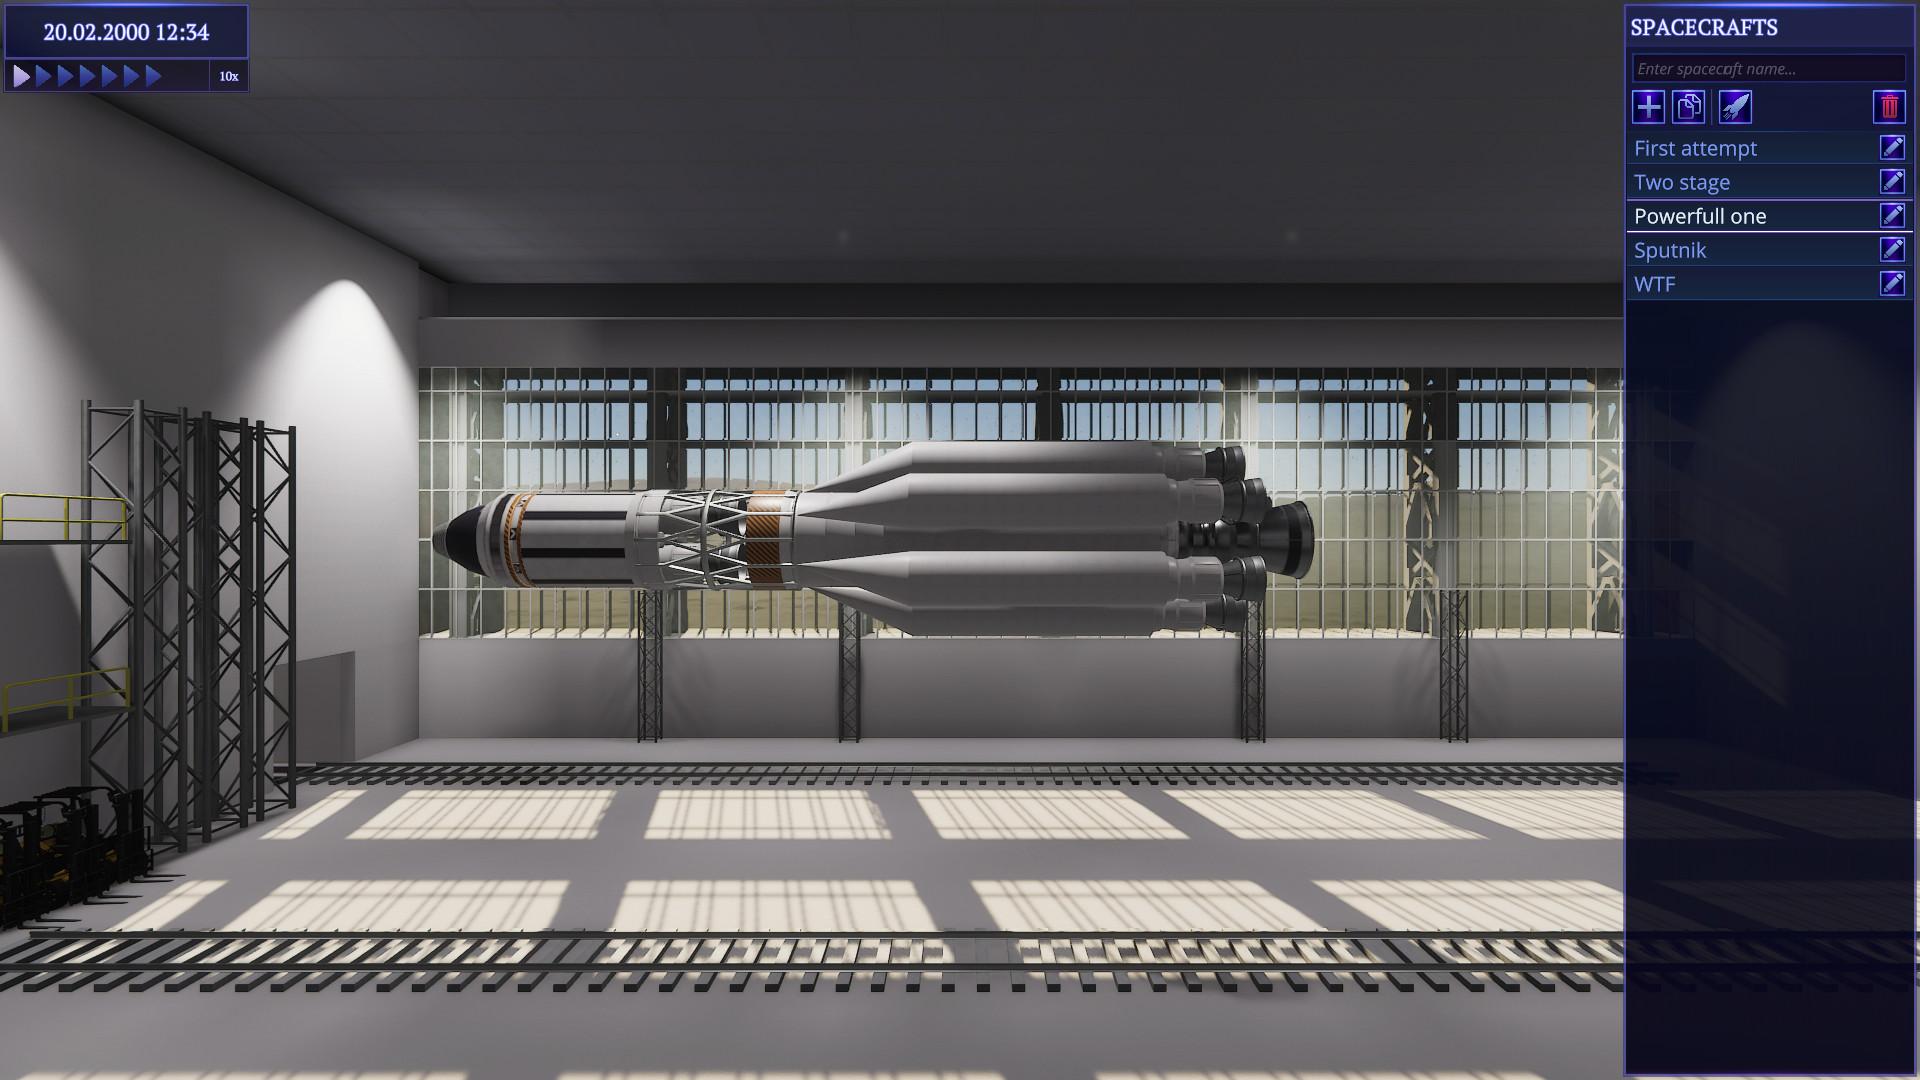 Petite différence par rapport à KSP : l'assemblage des fusées se fait à l'horizontale. Pas certain que ça soit l'idée du siècle.